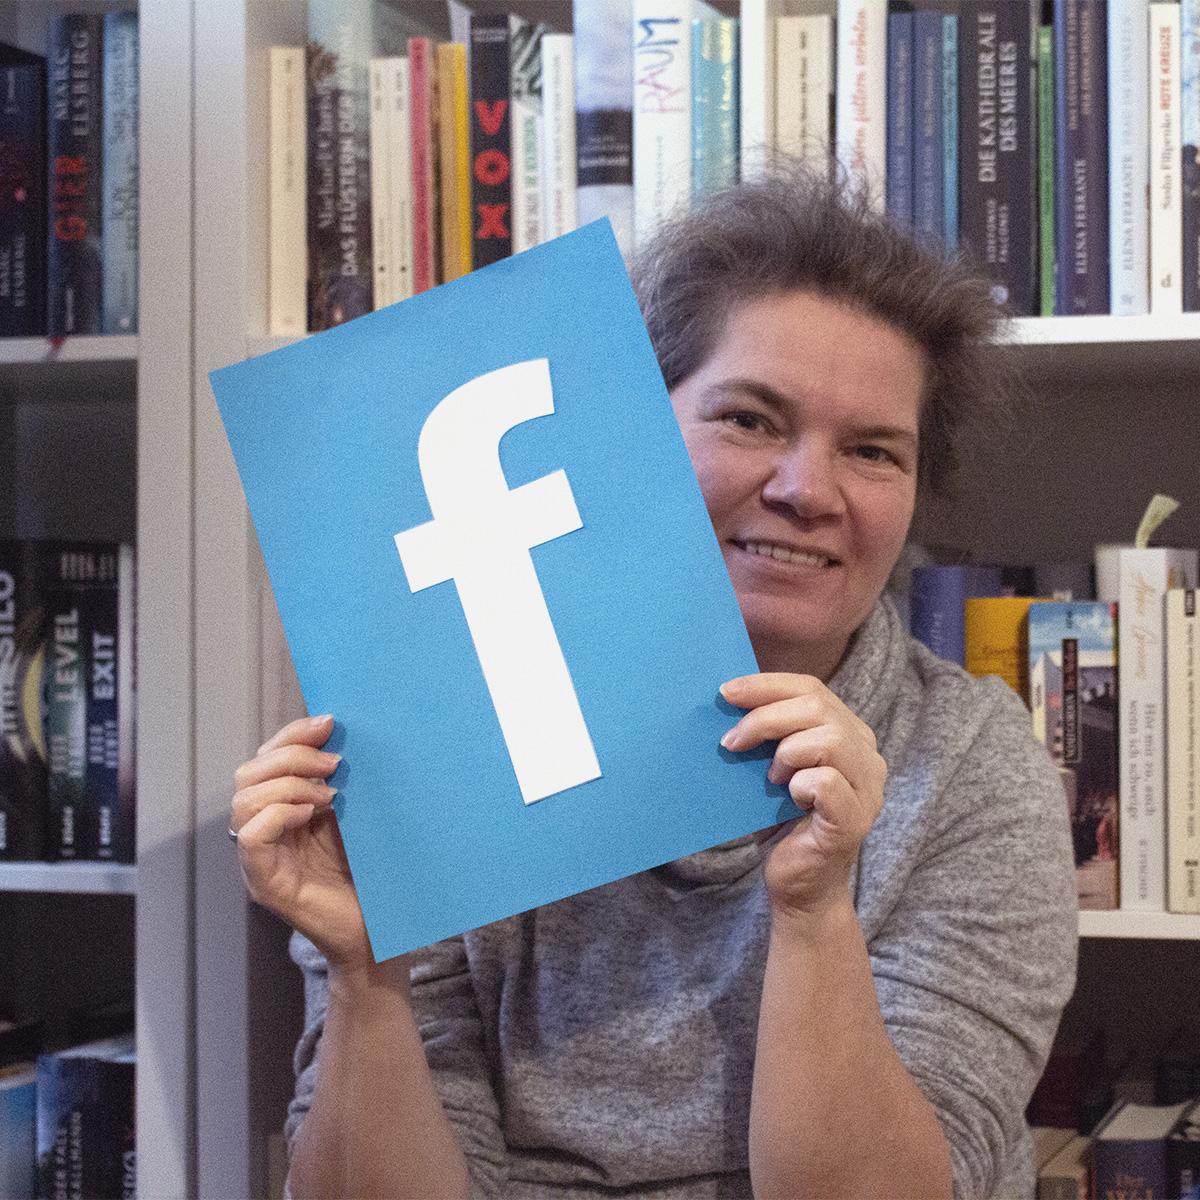 Mitarbeiterin der Buchhandlung am Rathaus Norderstedt hält ein Facebook-Poster hoch, um deren Facebookaccount zu bewerben